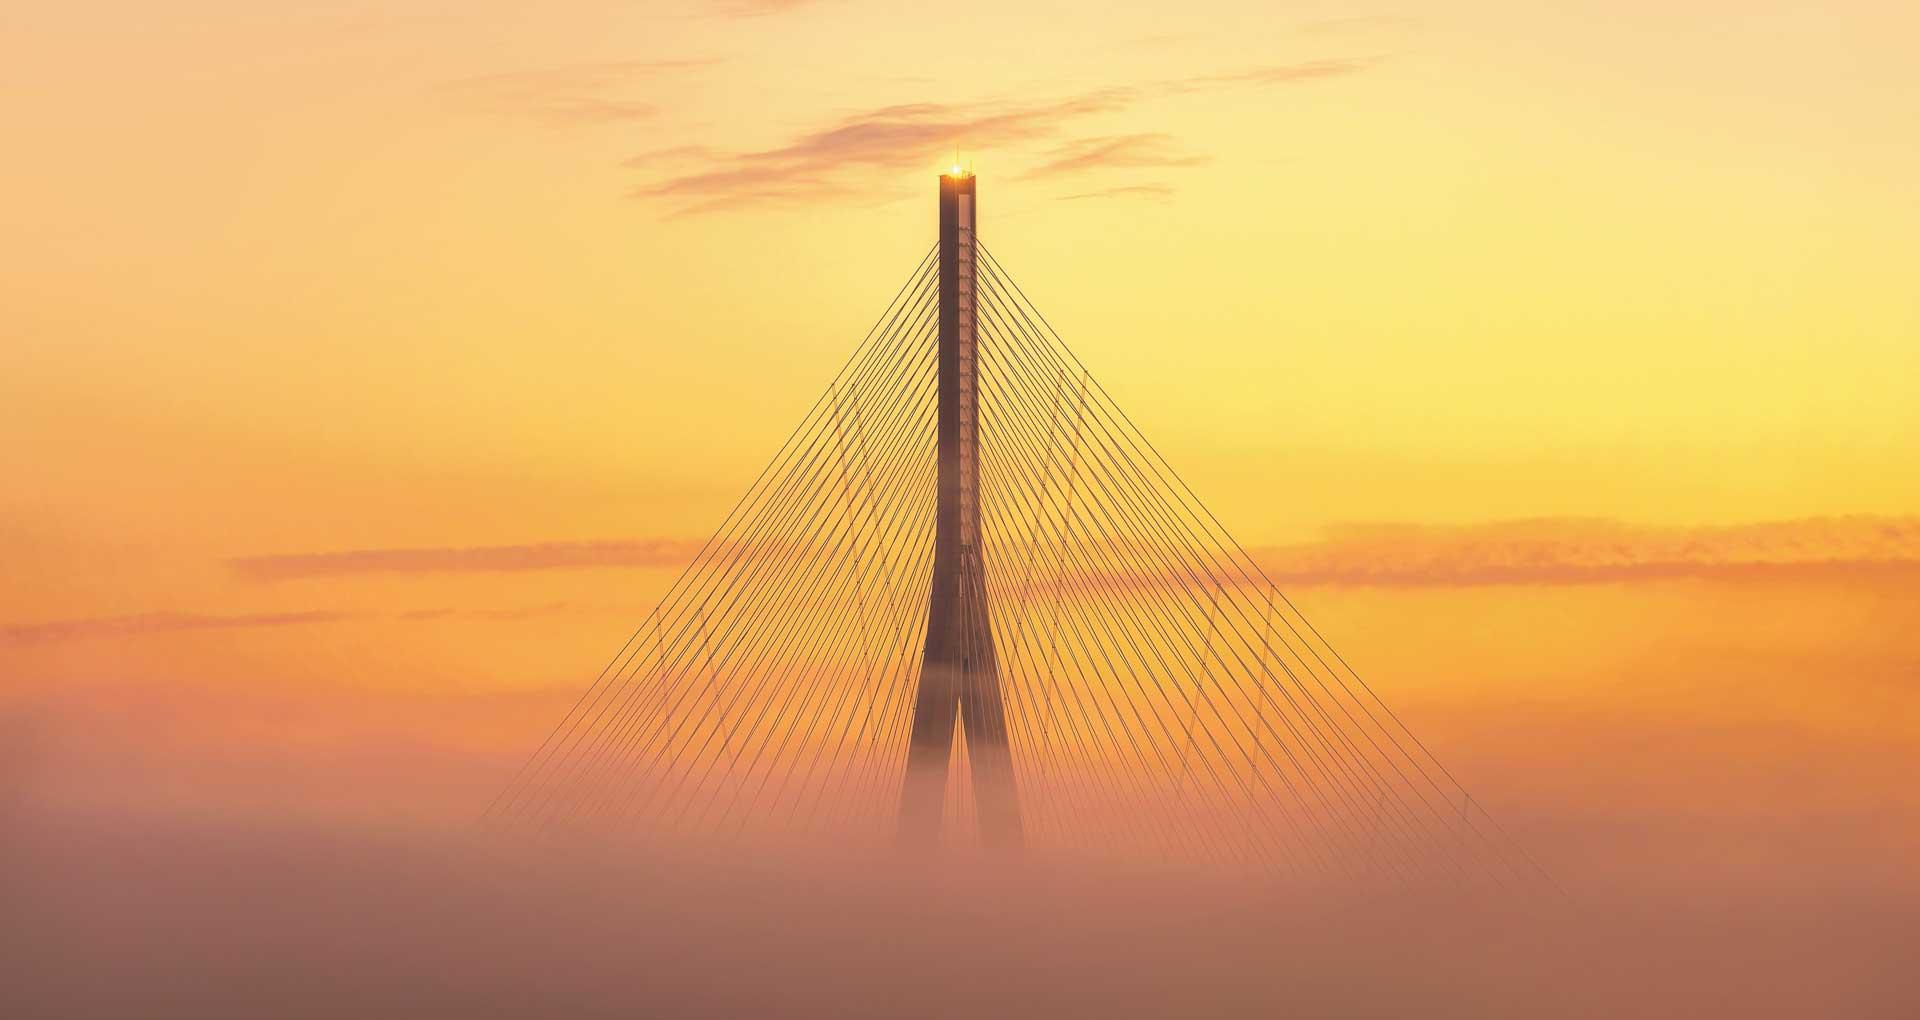 Bridge above mist